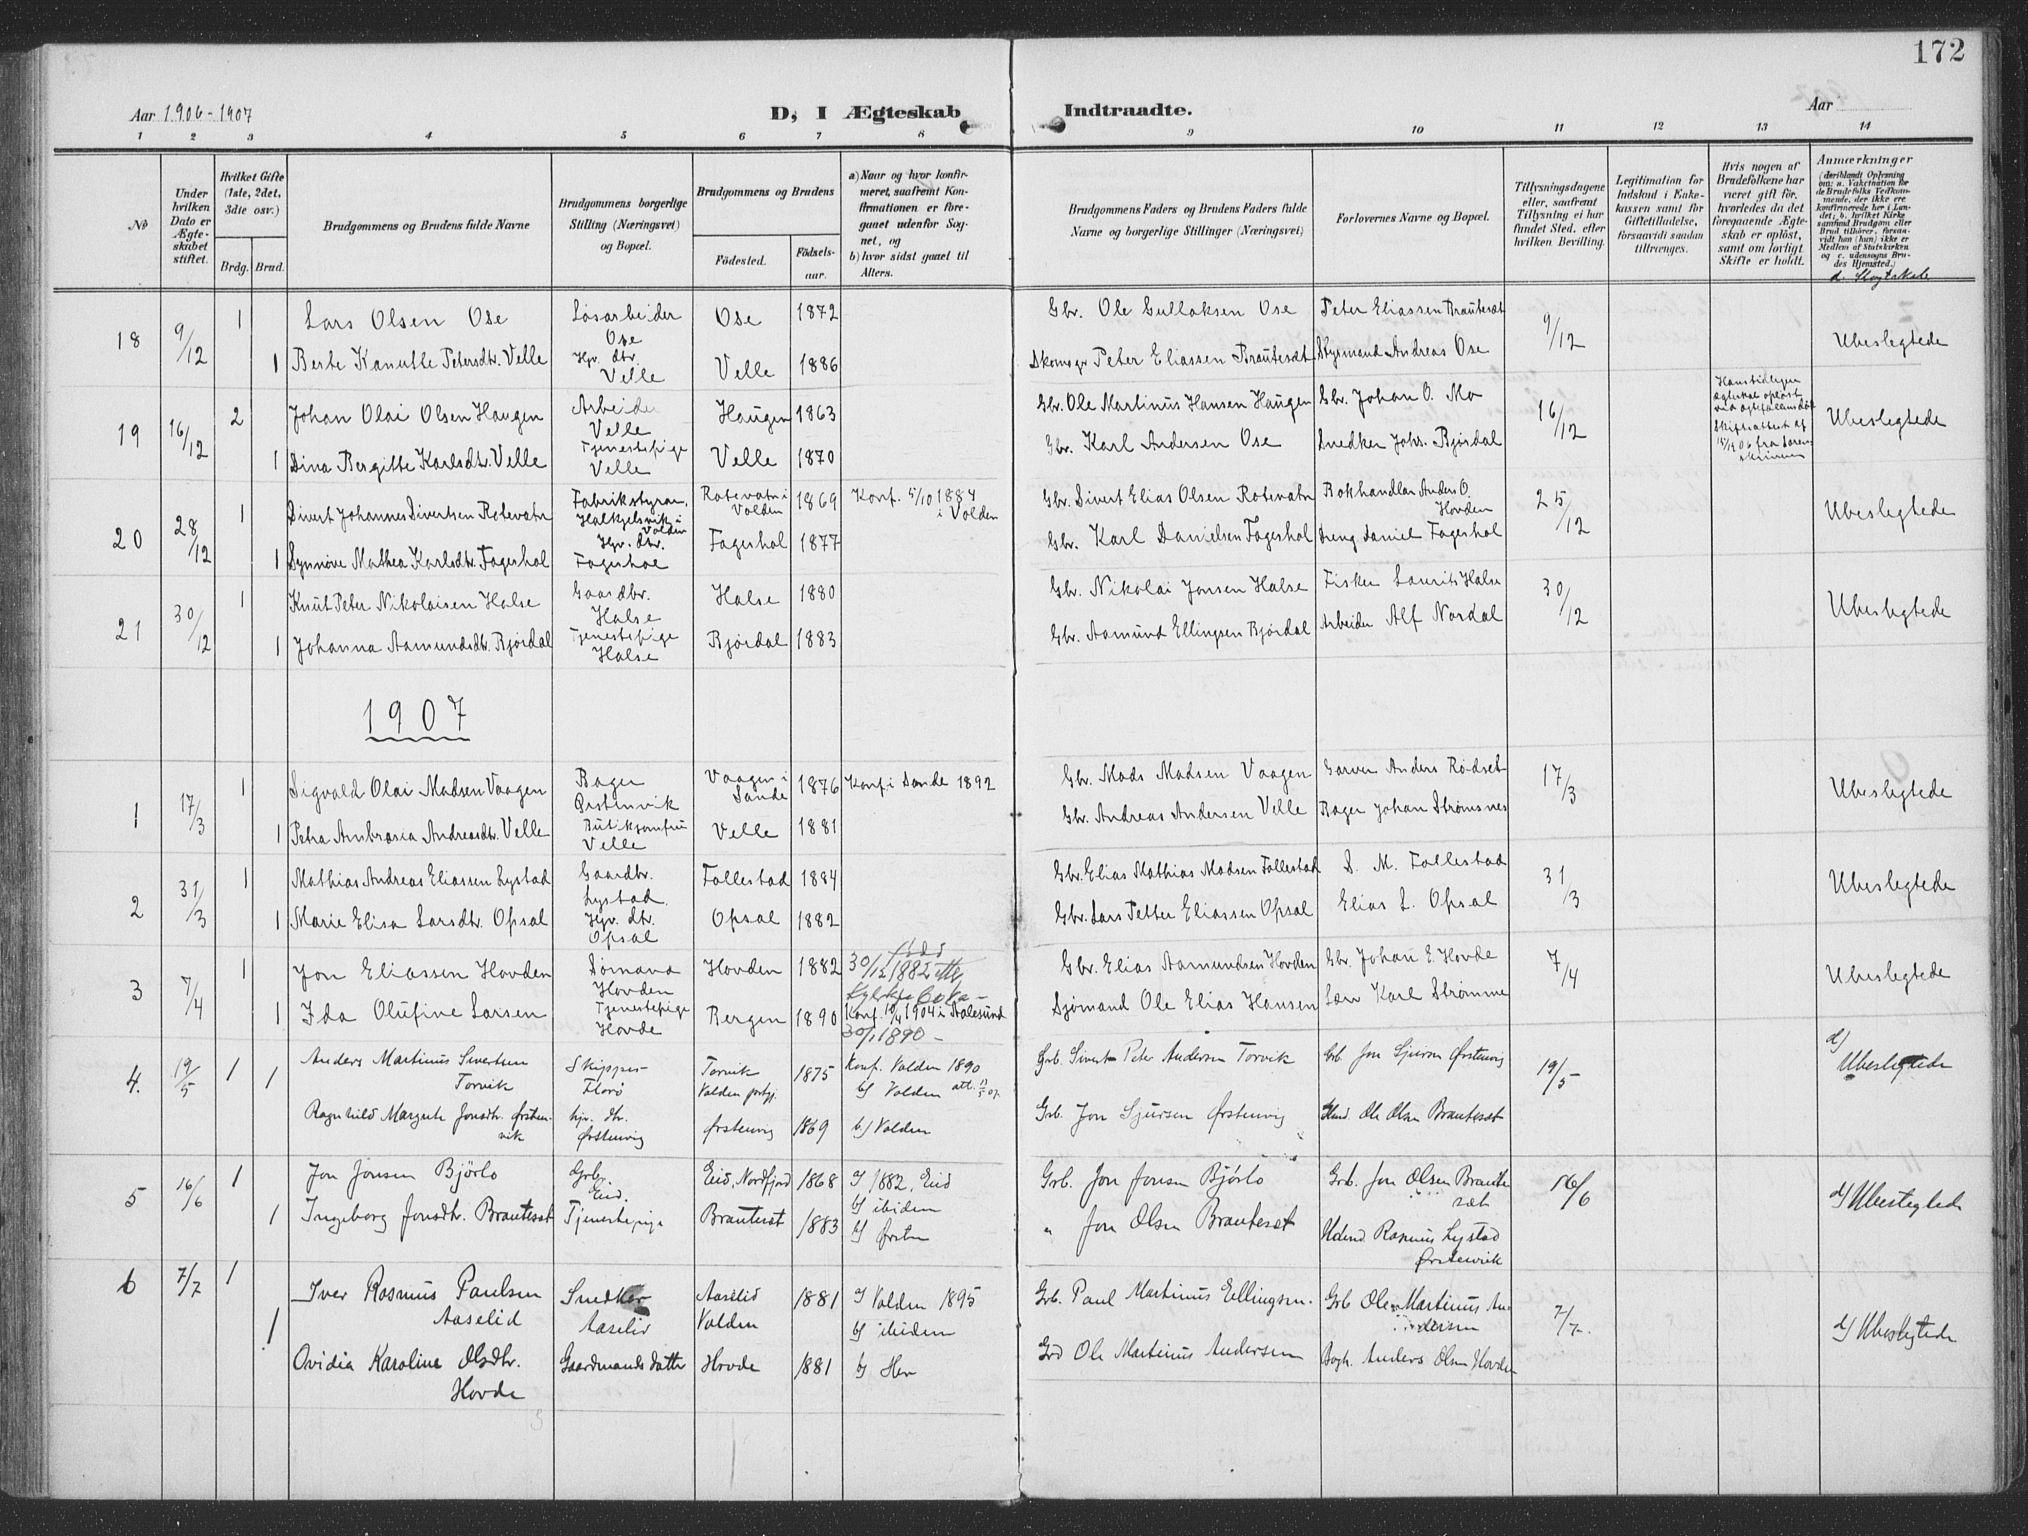 SAT, Ministerialprotokoller, klokkerbøker og fødselsregistre - Møre og Romsdal, 513/L0178: Ministerialbok nr. 513A05, 1906-1919, s. 172